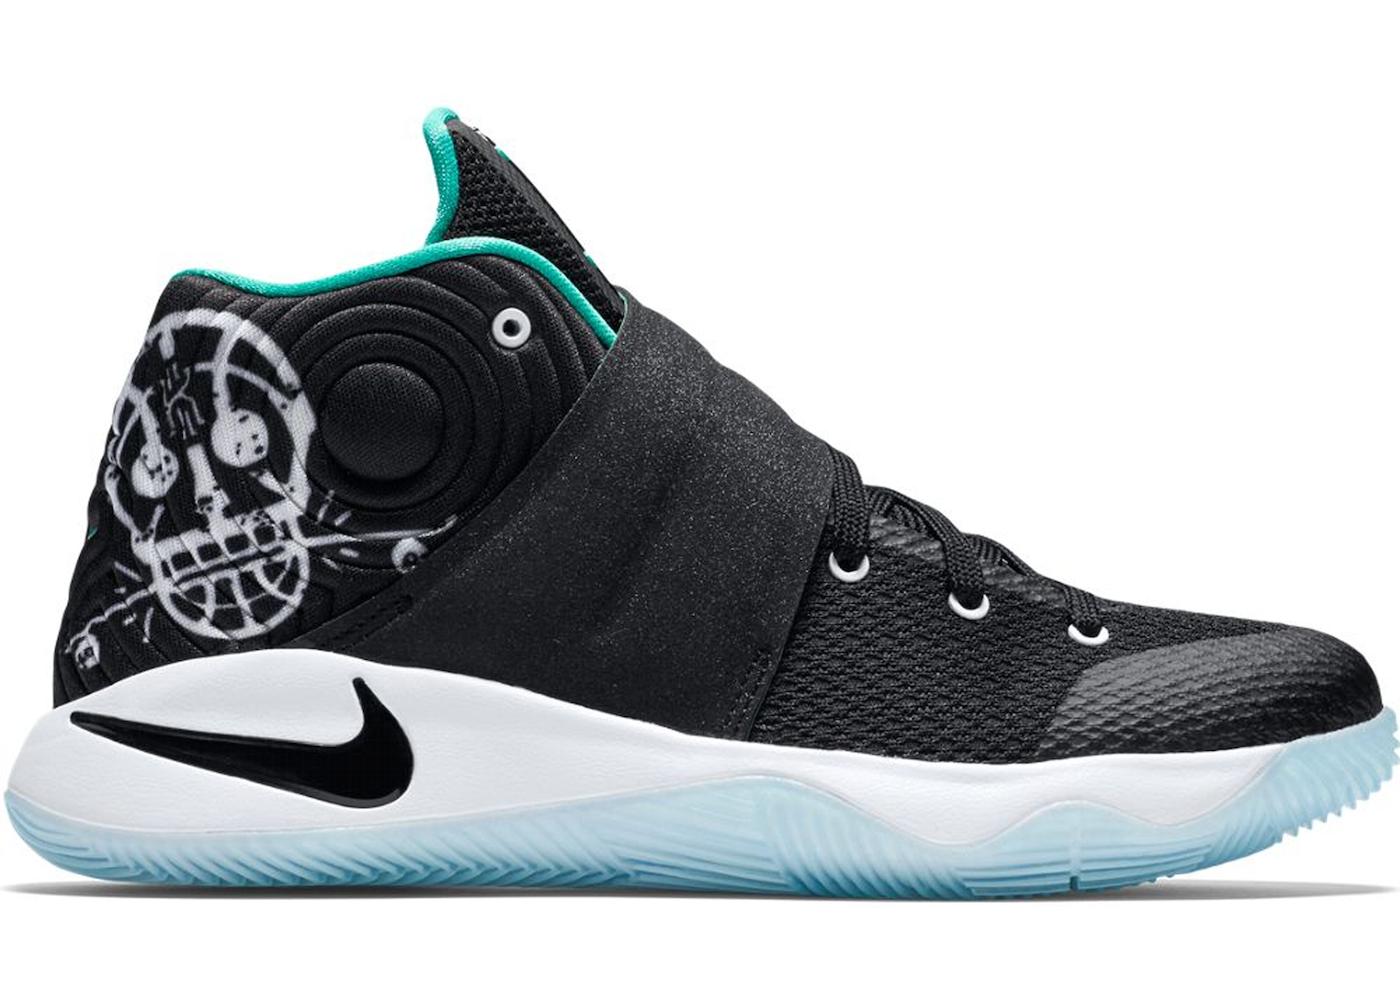 Nike Kyrie 2 Skateboard BlackWhite 826673001